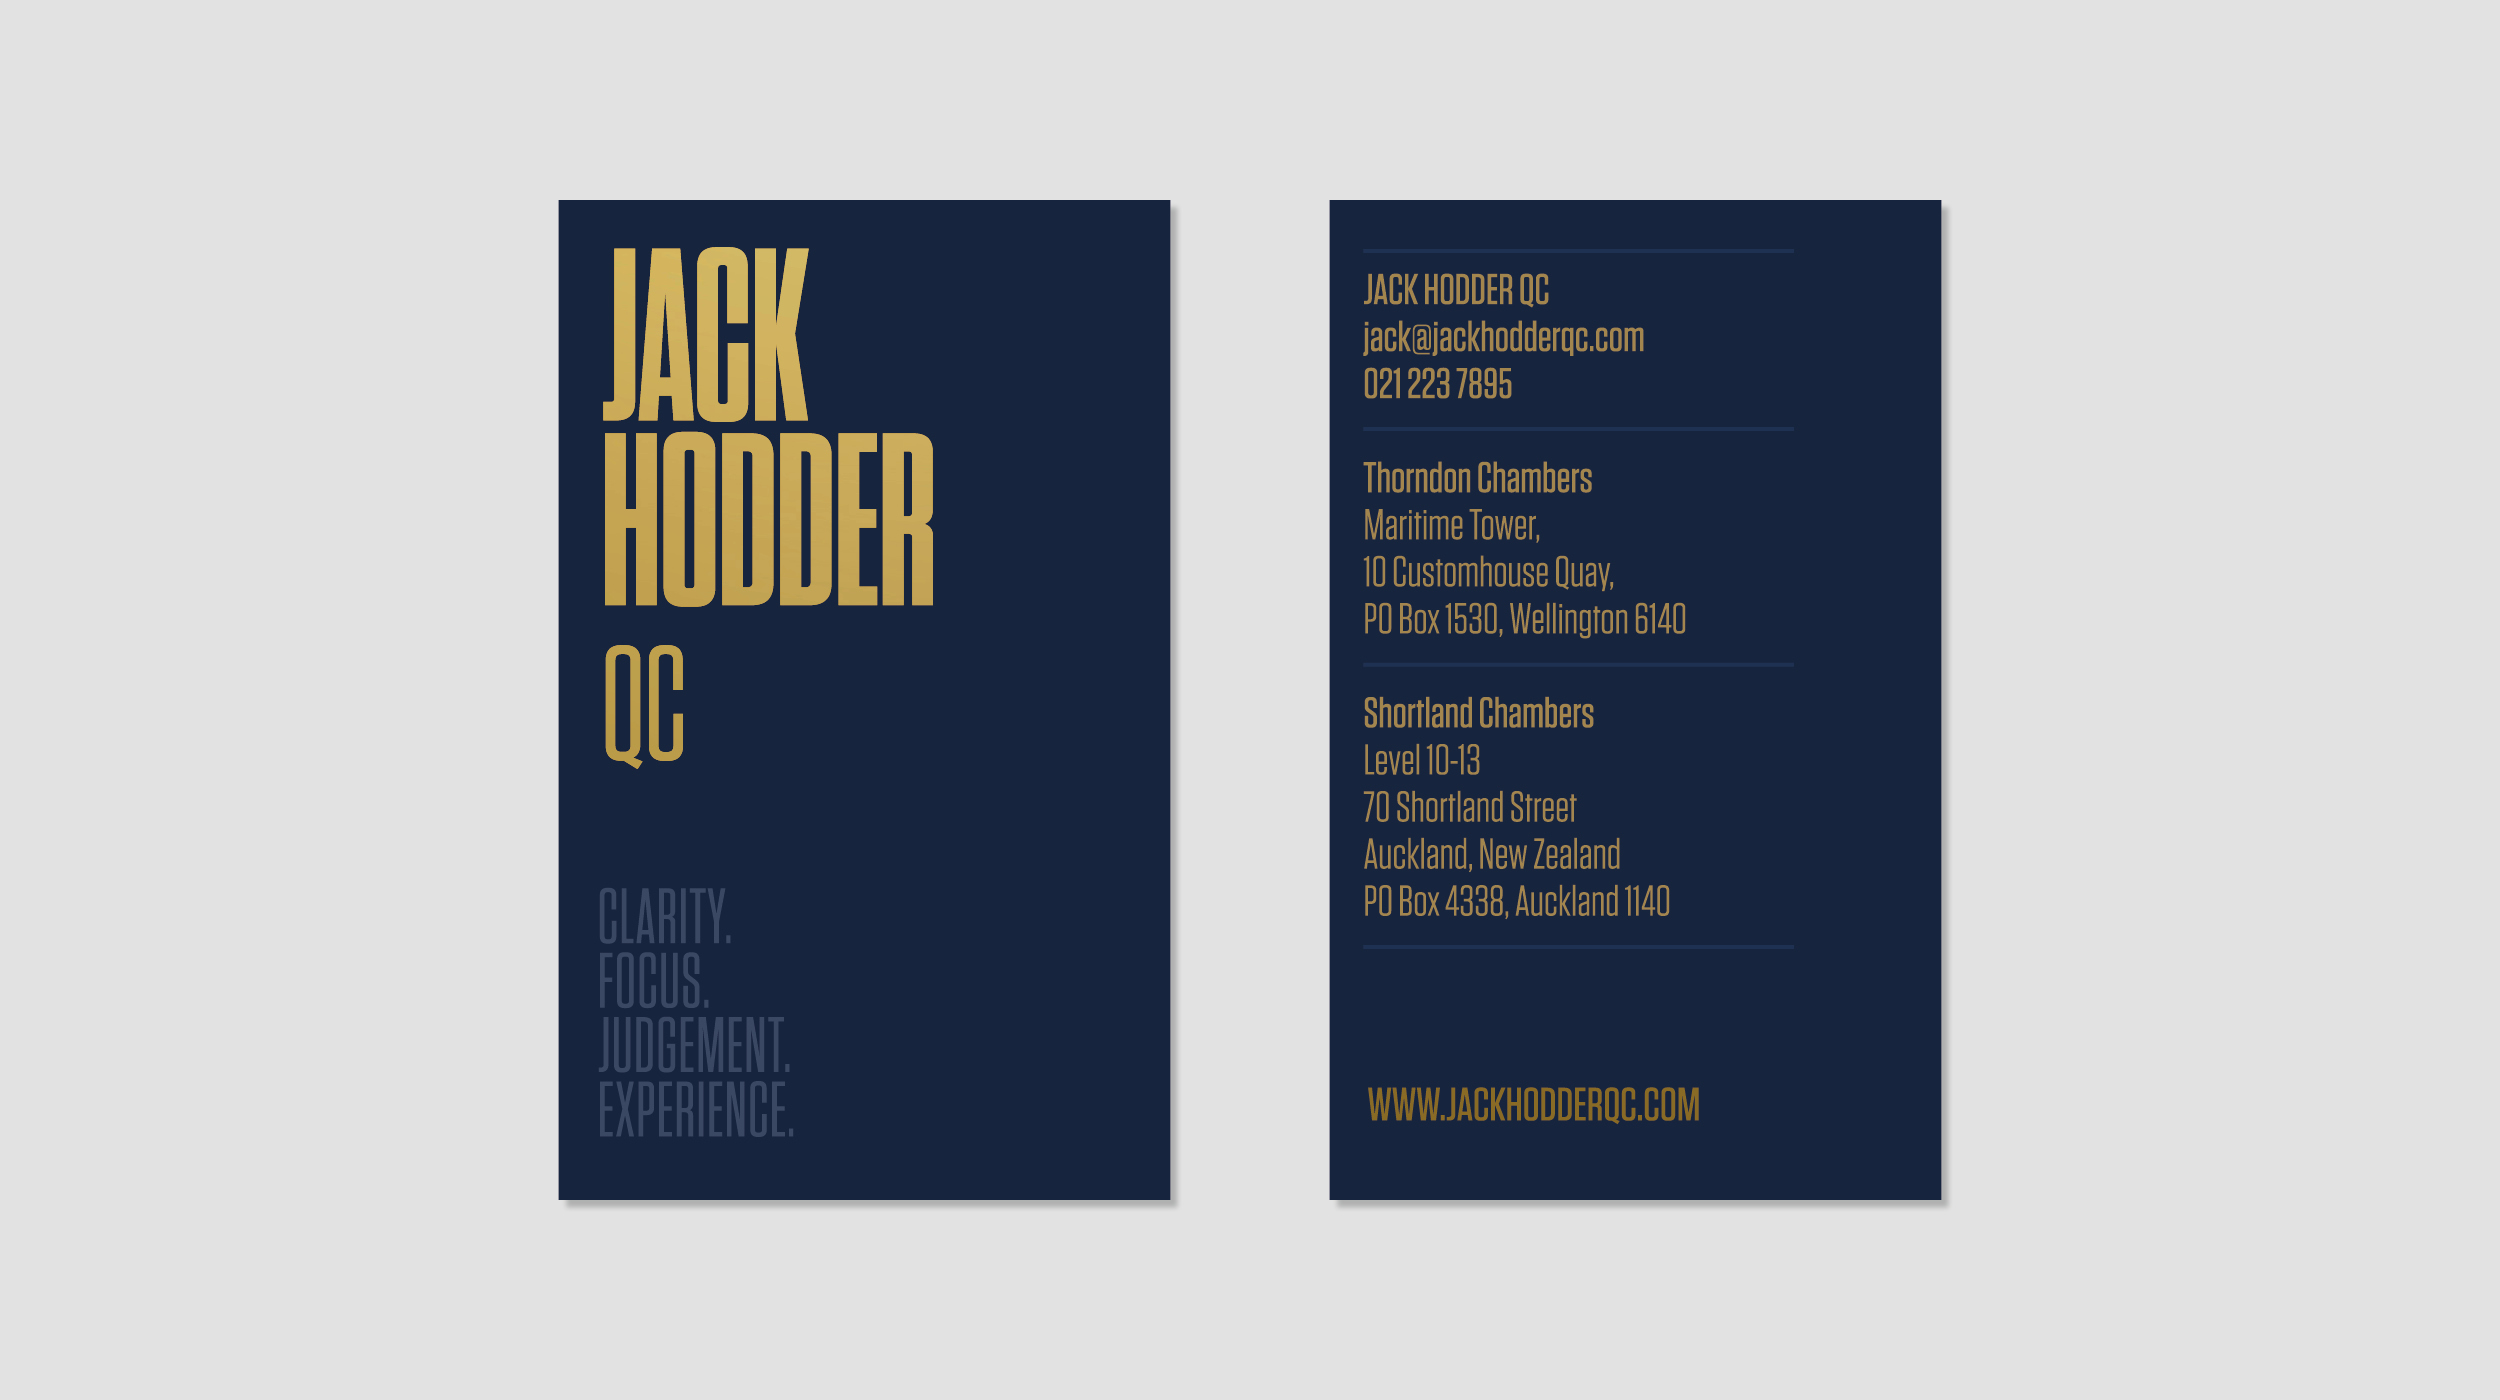 Jack Hodder Case Study Images_20183.jpg